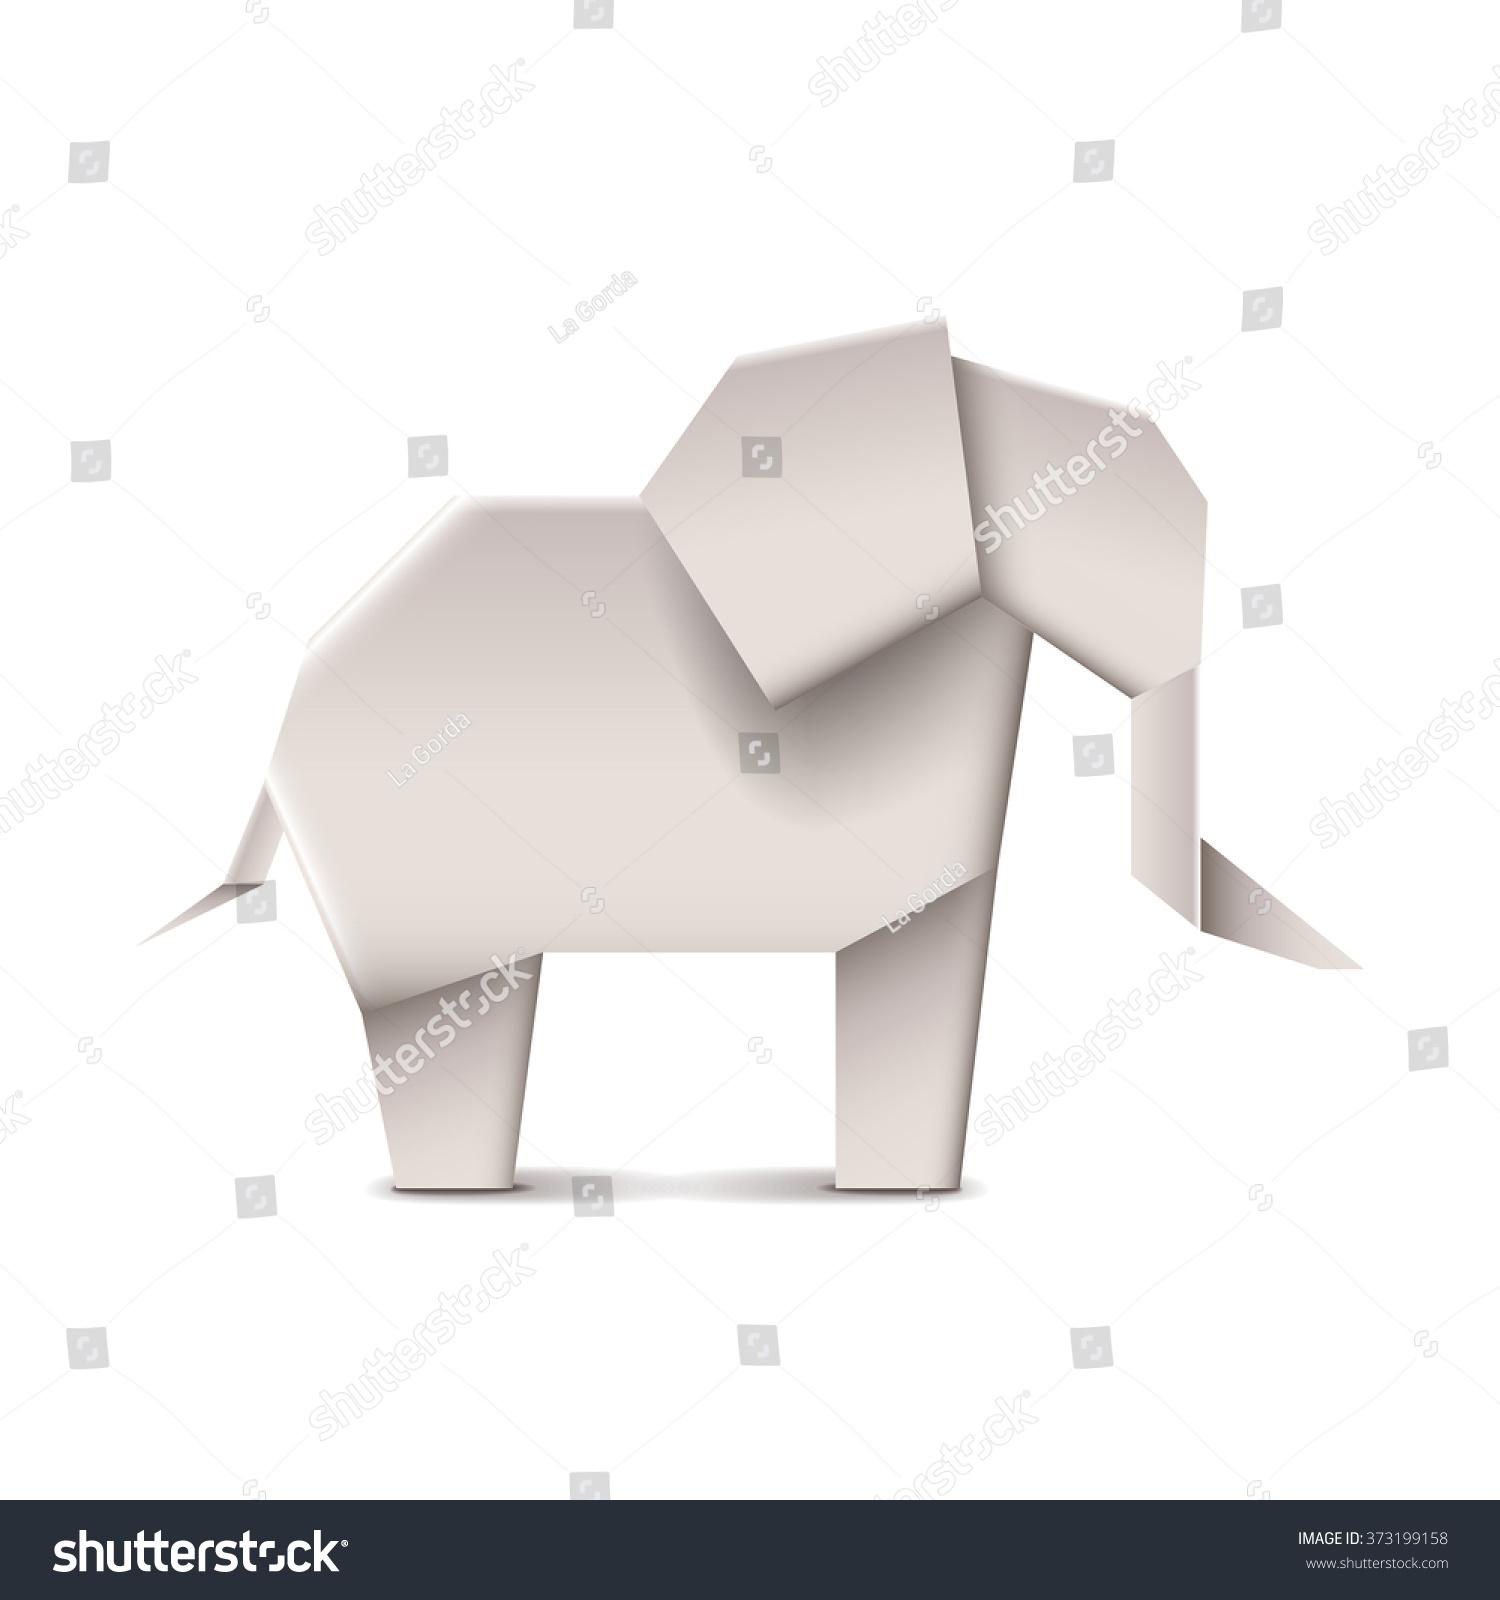 Origami elephant isolated on white photorealistic stock vector origami elephant isolated on white photo realistic vector illustration jeuxipadfo Choice Image